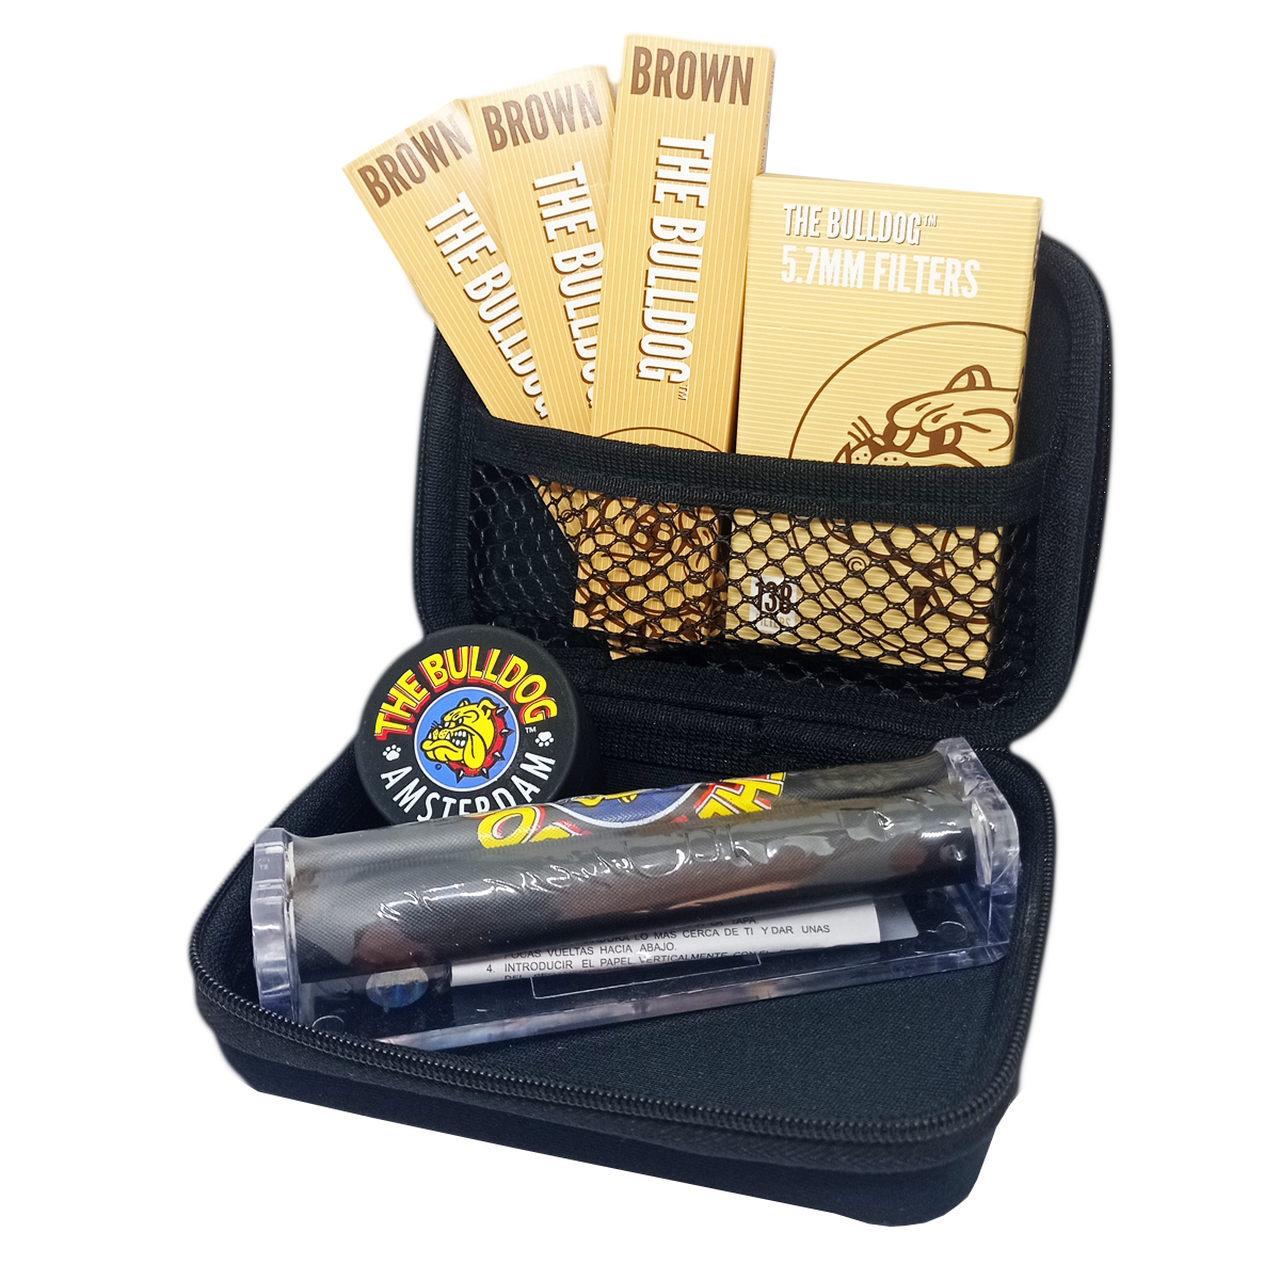 Kit The Bulldog Amsterdam Premium - PRETO